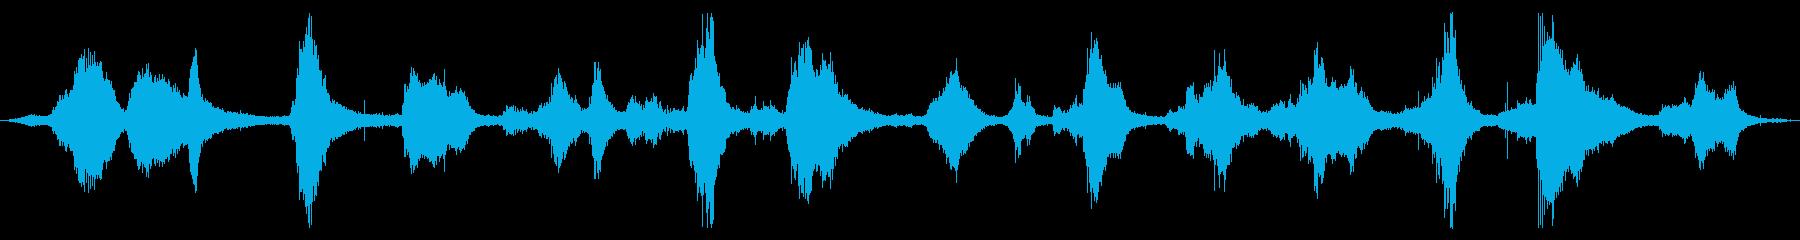 オーシャン:激しい衝突と泡で光が来る波の再生済みの波形